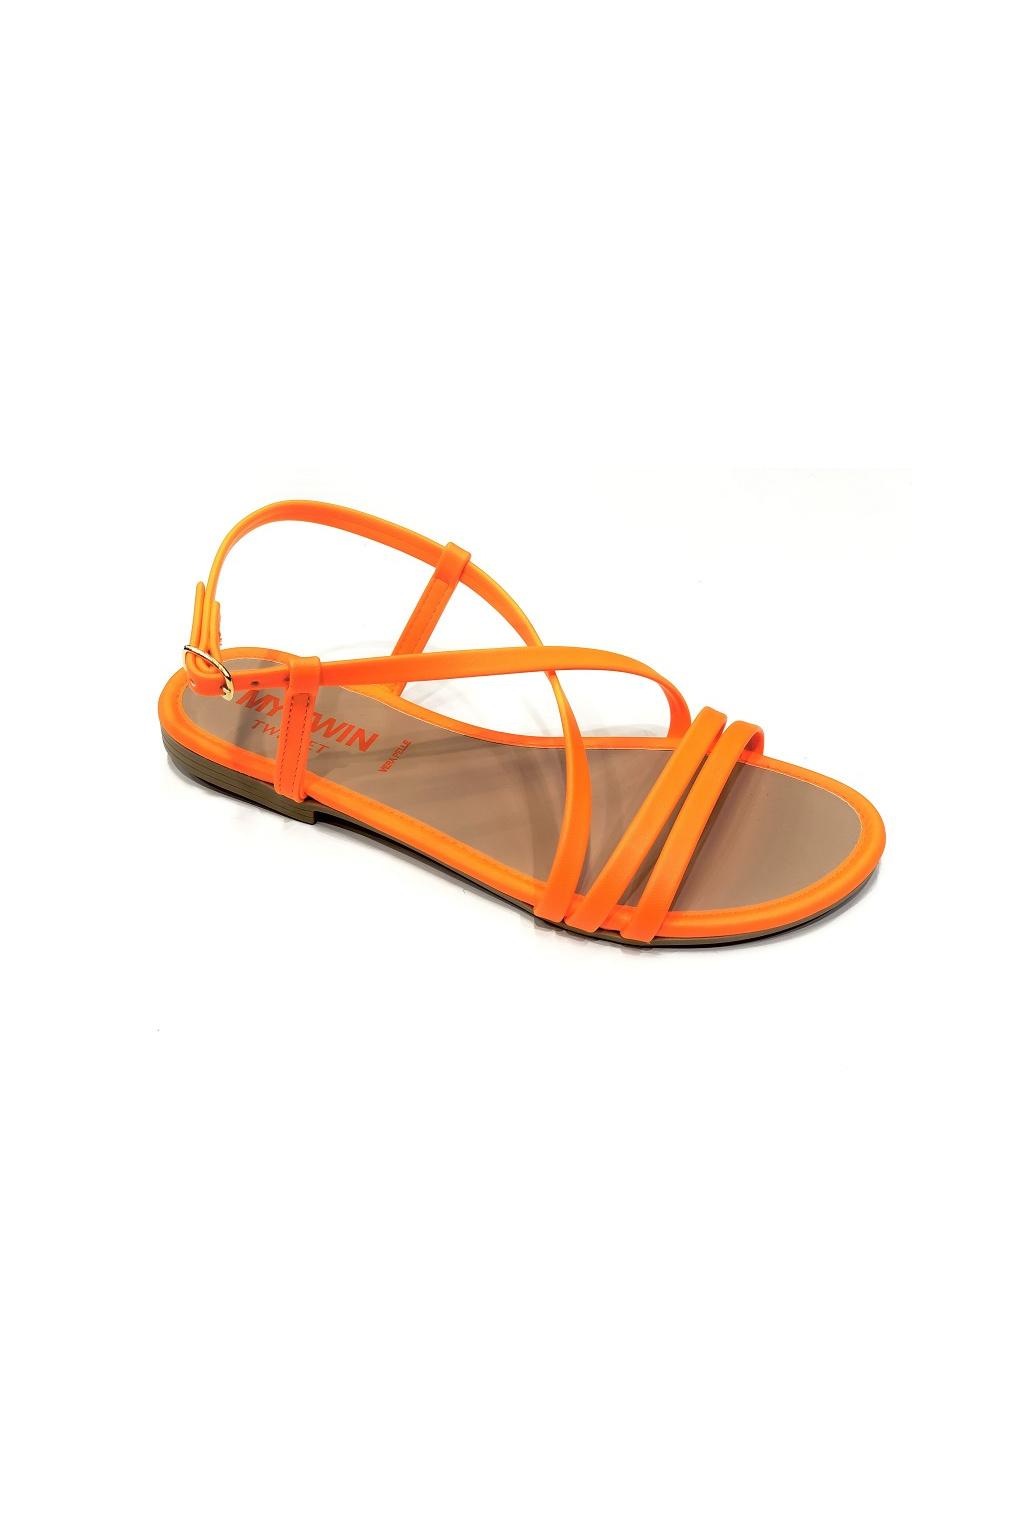 201MCT010 Dámské sandály Twinset oranžové